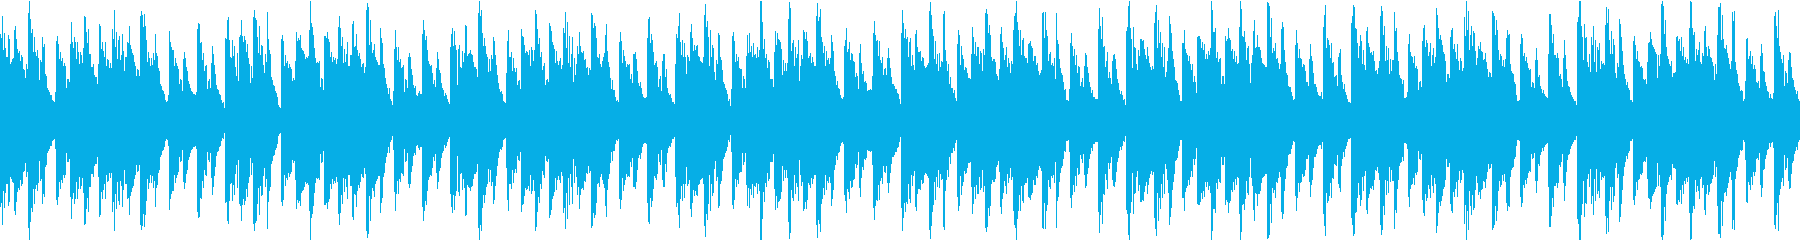 ファンキーなテック/ハウスは、ポジ...の再生済みの波形